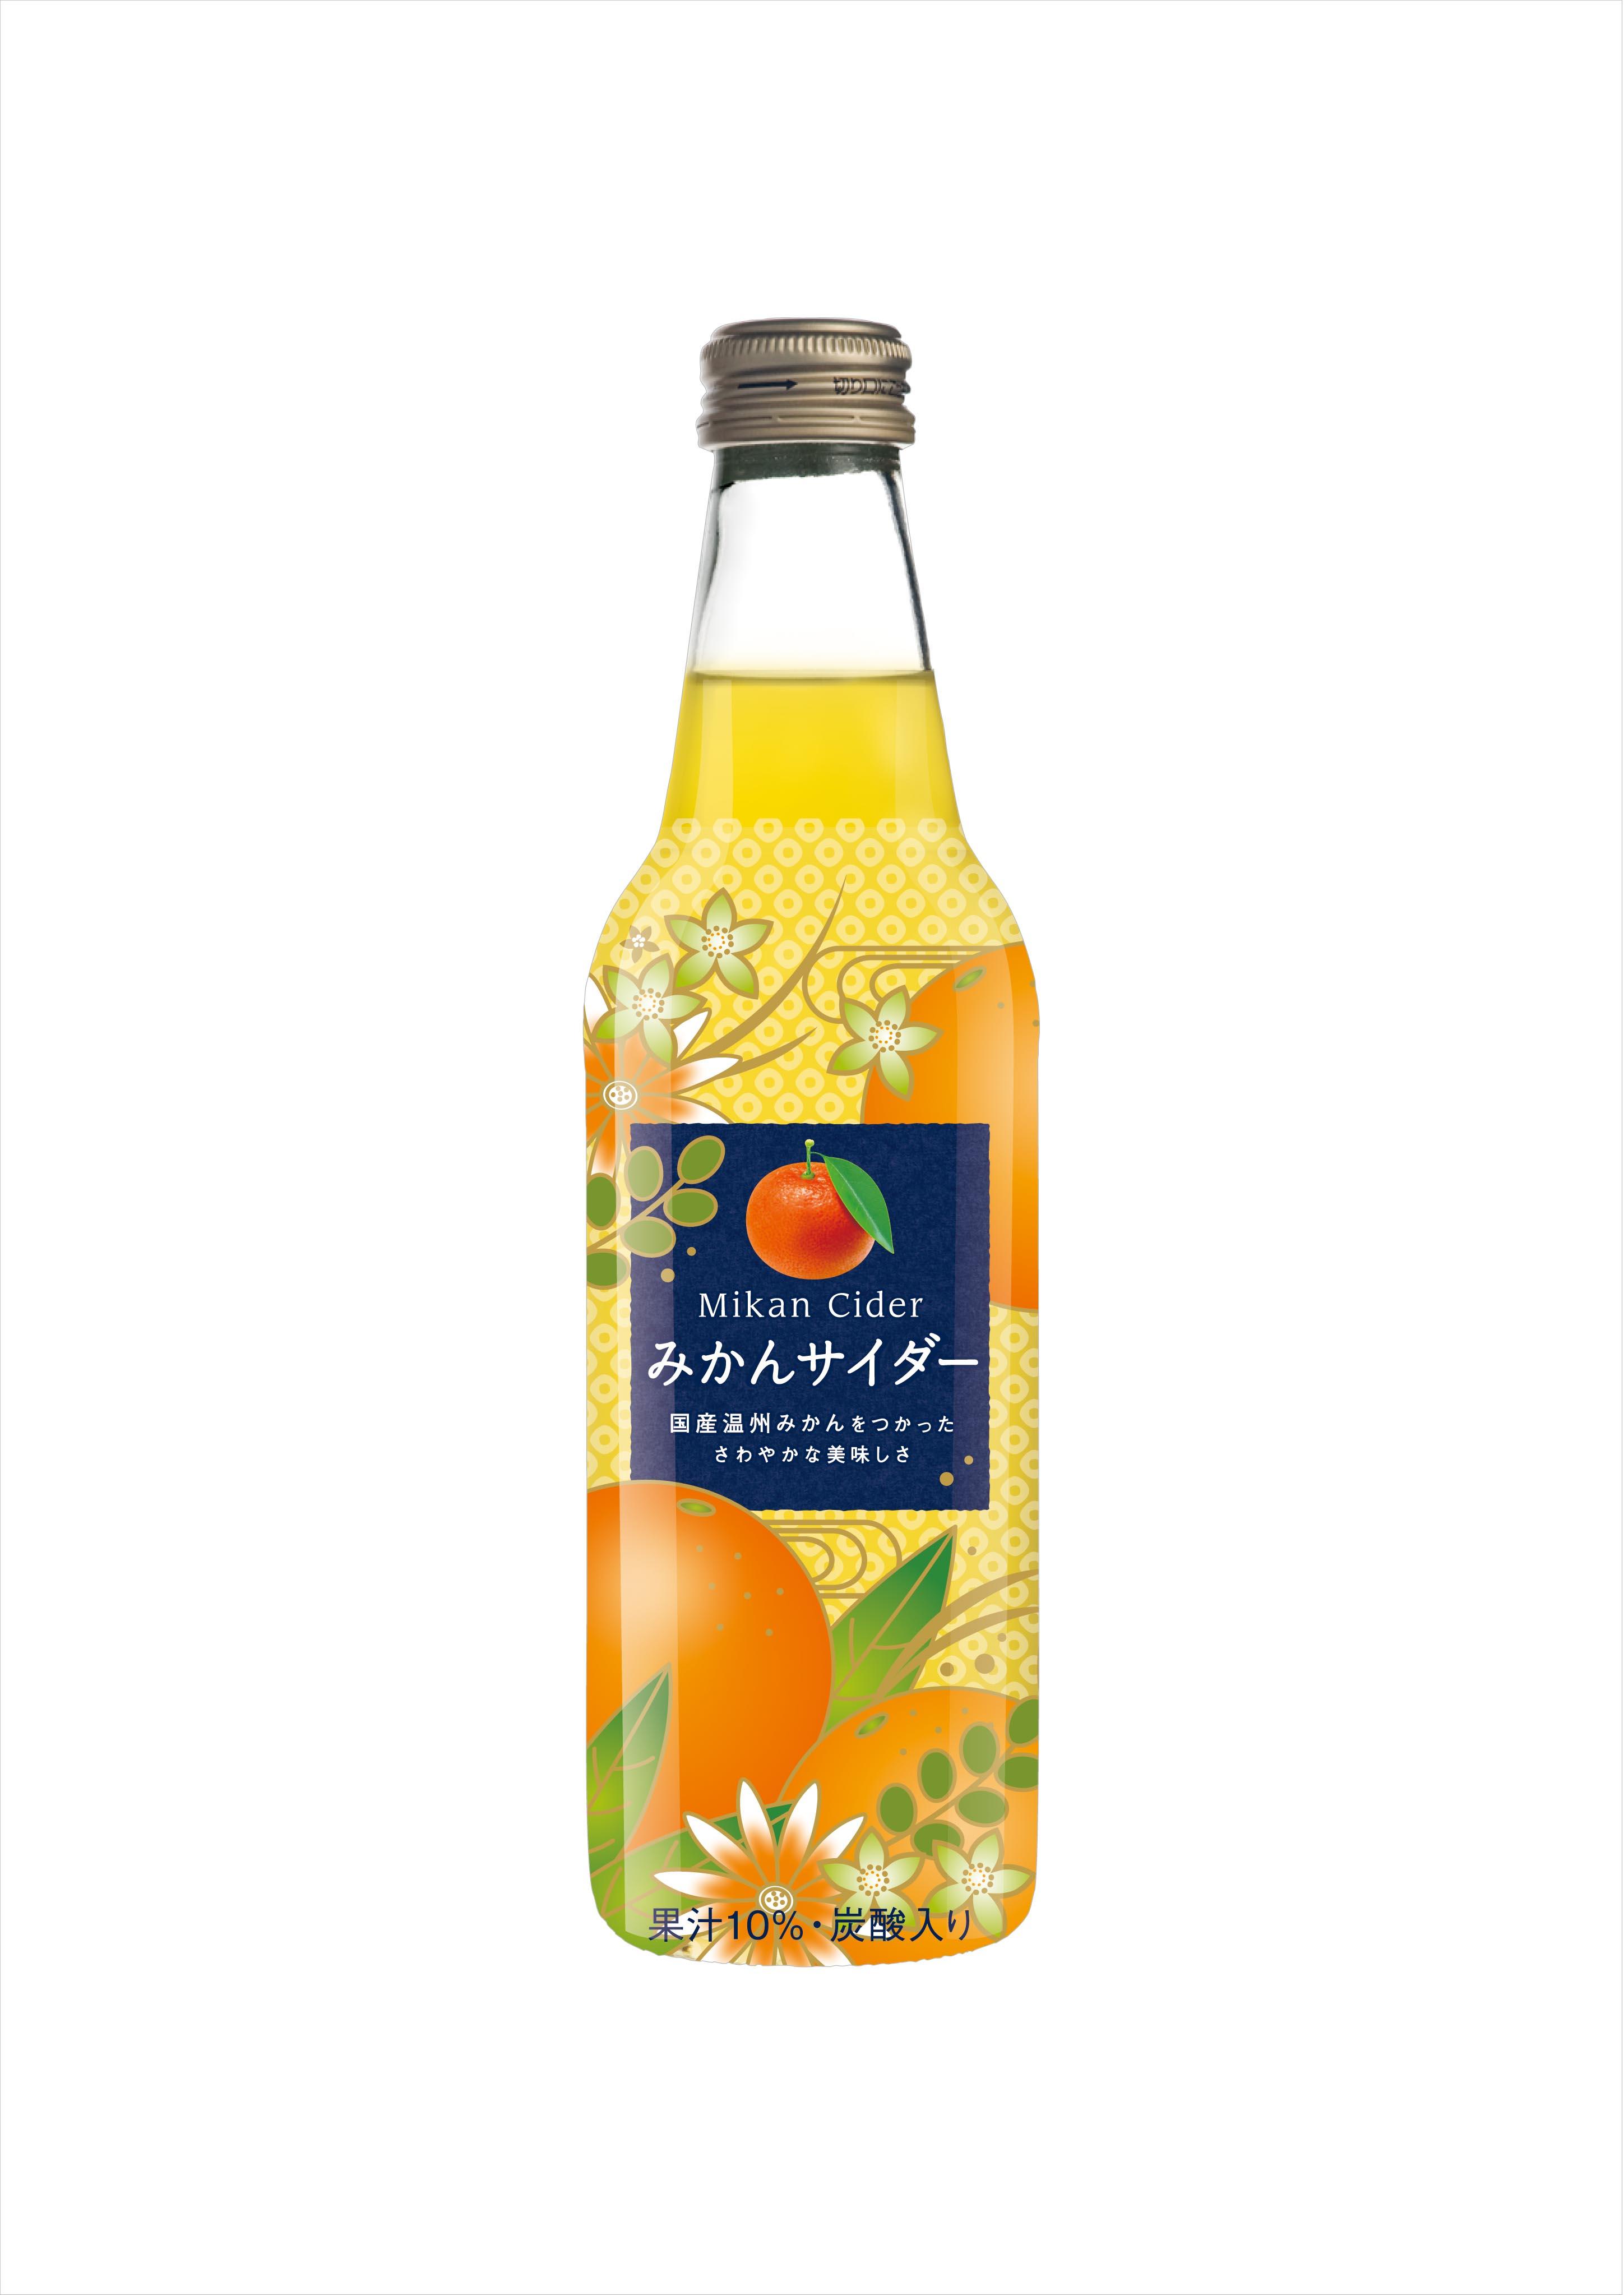 【12本と24本セット】みかんサイダー340ml -保存料、着色料を一切使わず厳選された国産温州みかん果汁使用-